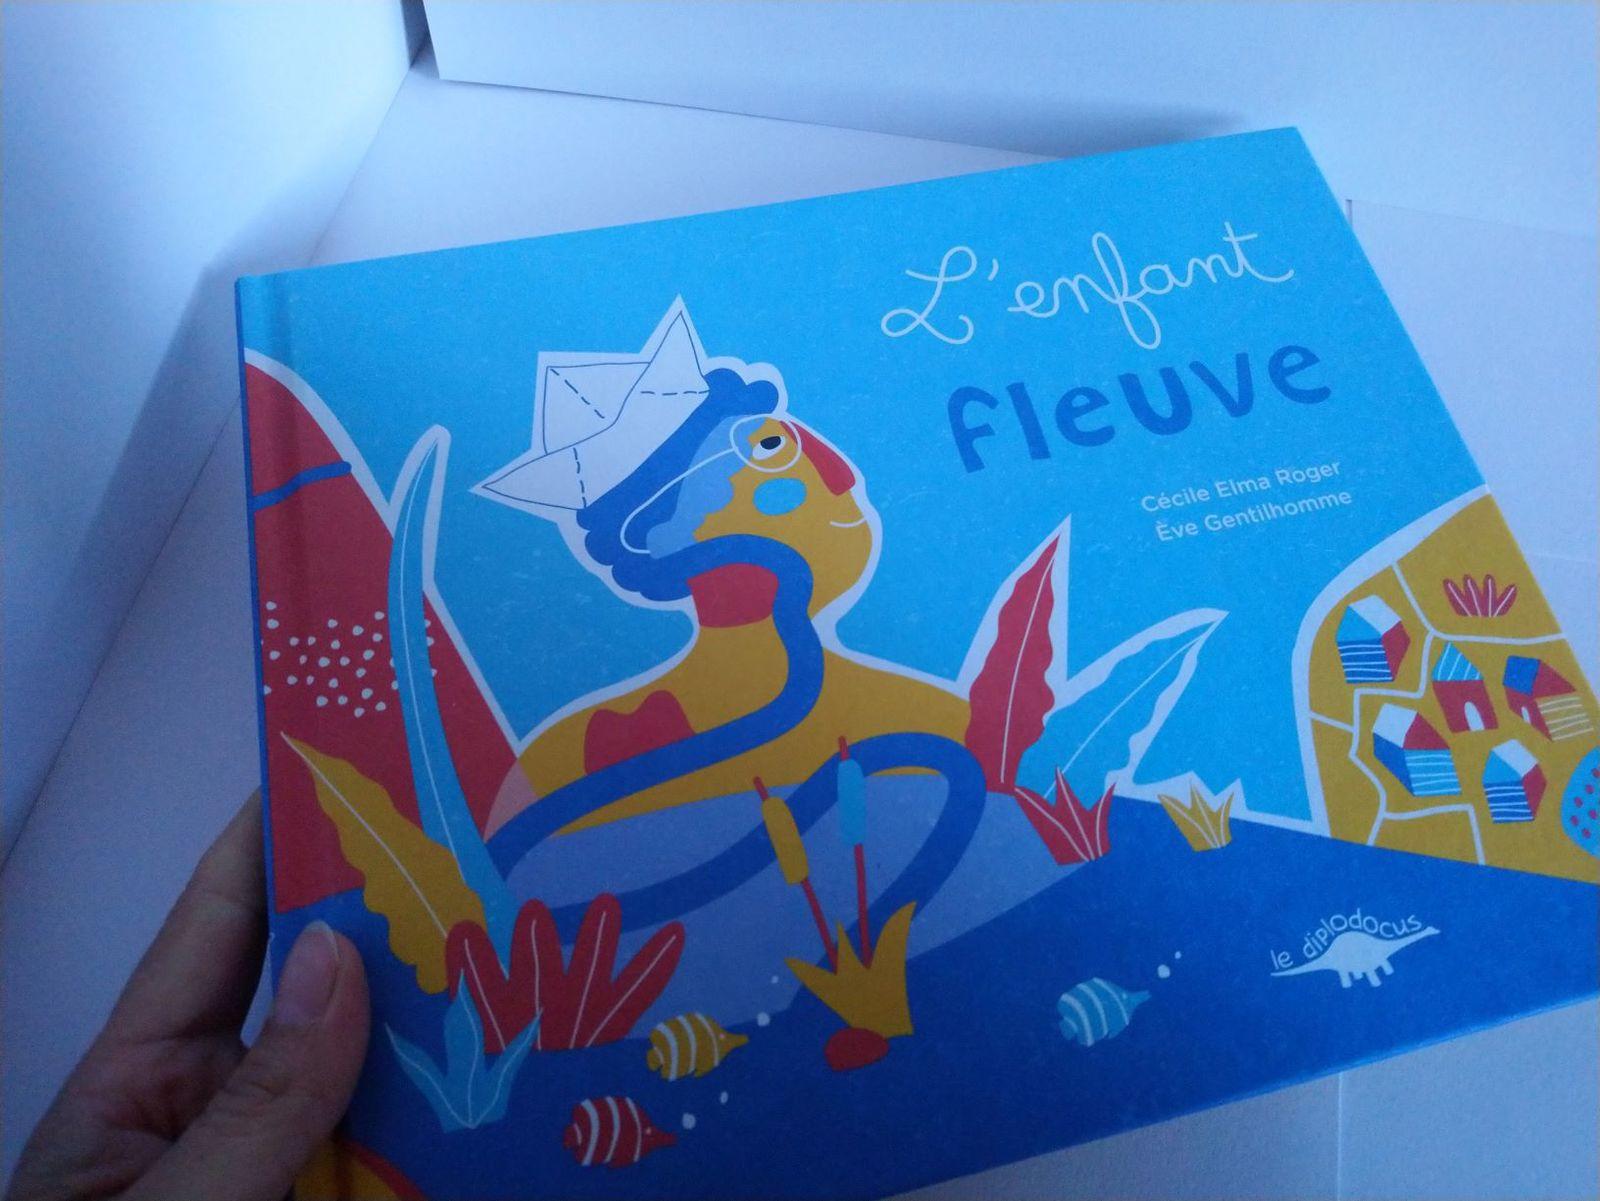 L'enfant fleuve de Cécile Elma Roger et Eve Gentilhomme, Le Diplodocus, NOUVEAUTE, 13,90 Euros - Dès 5 ans